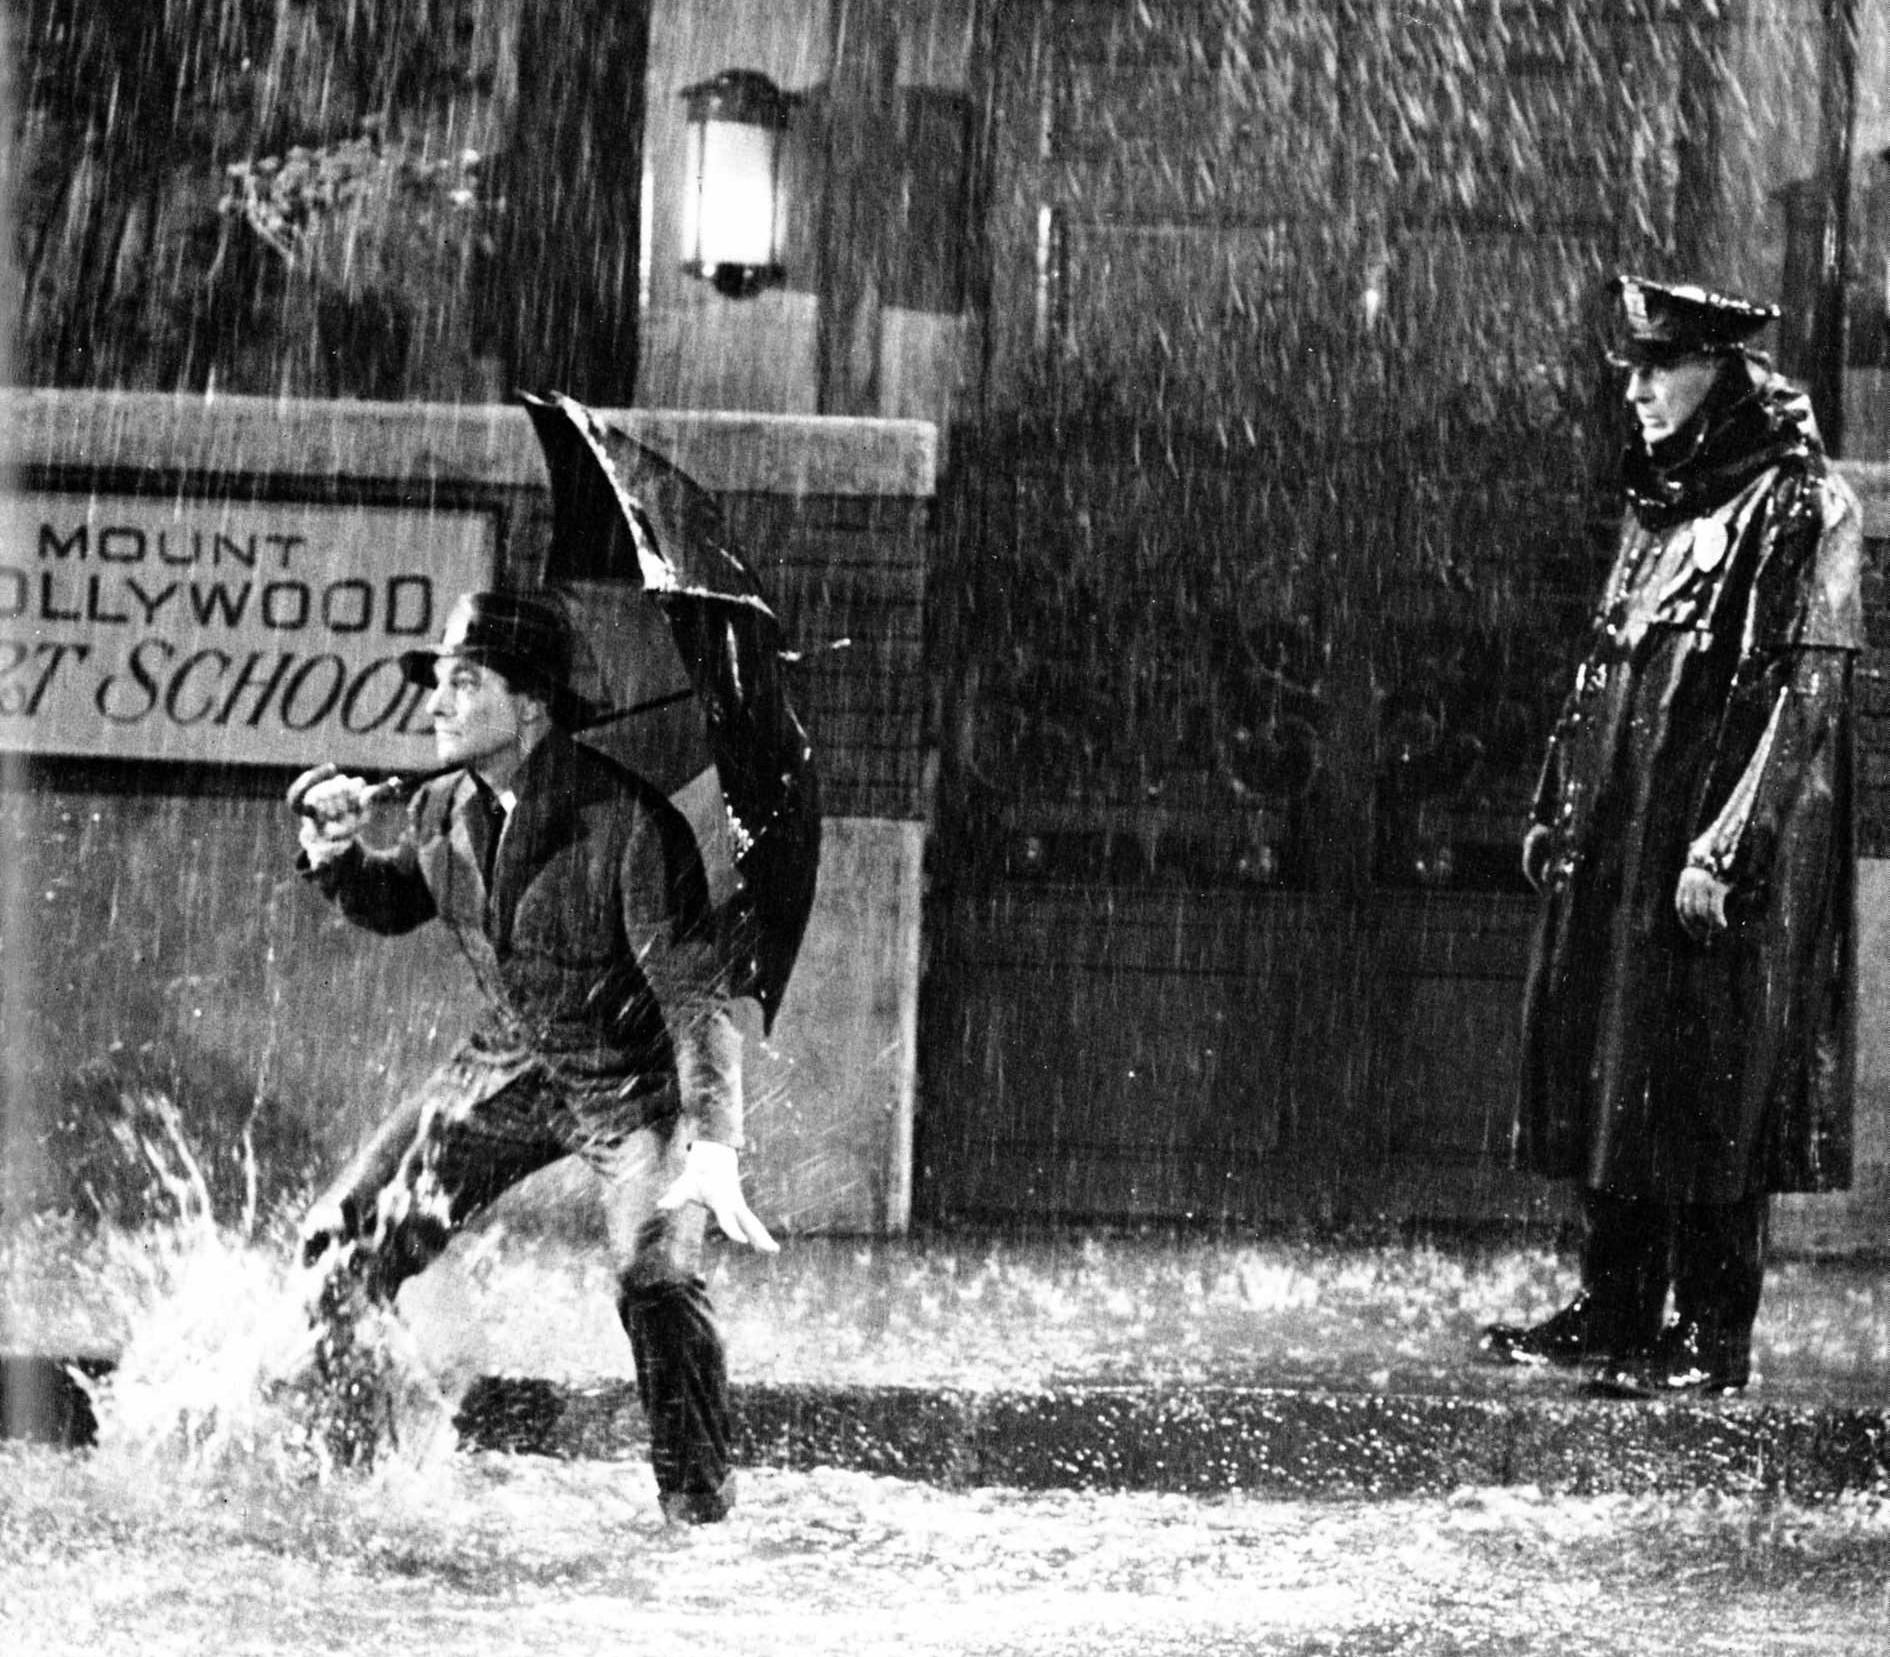 cine-clasico-cantando-bajo-la-lluvia-rockinchiclifestyle-bn